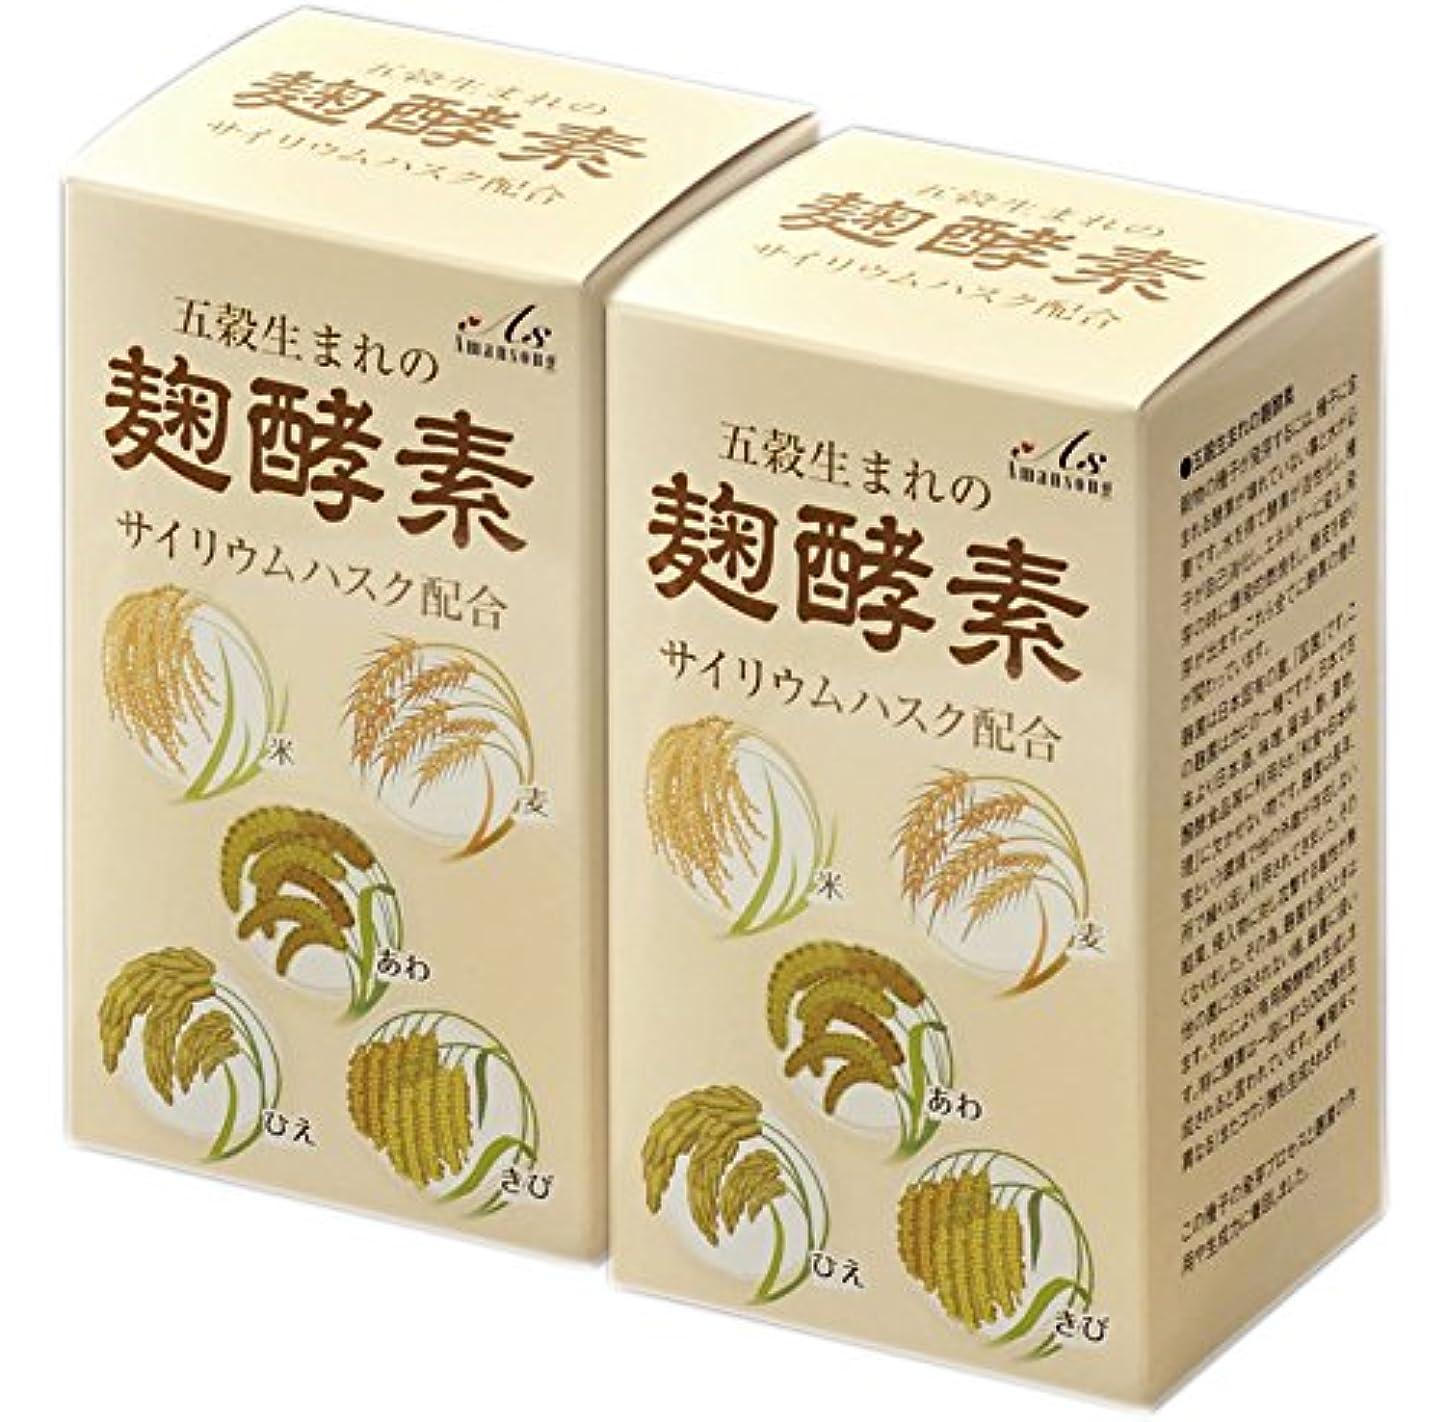 神放出大腿A?S 2箱セット五穀生まれの麹酵素 更に1箱プレゼント、更に「活きてる酵素だし」1袋プレゼント